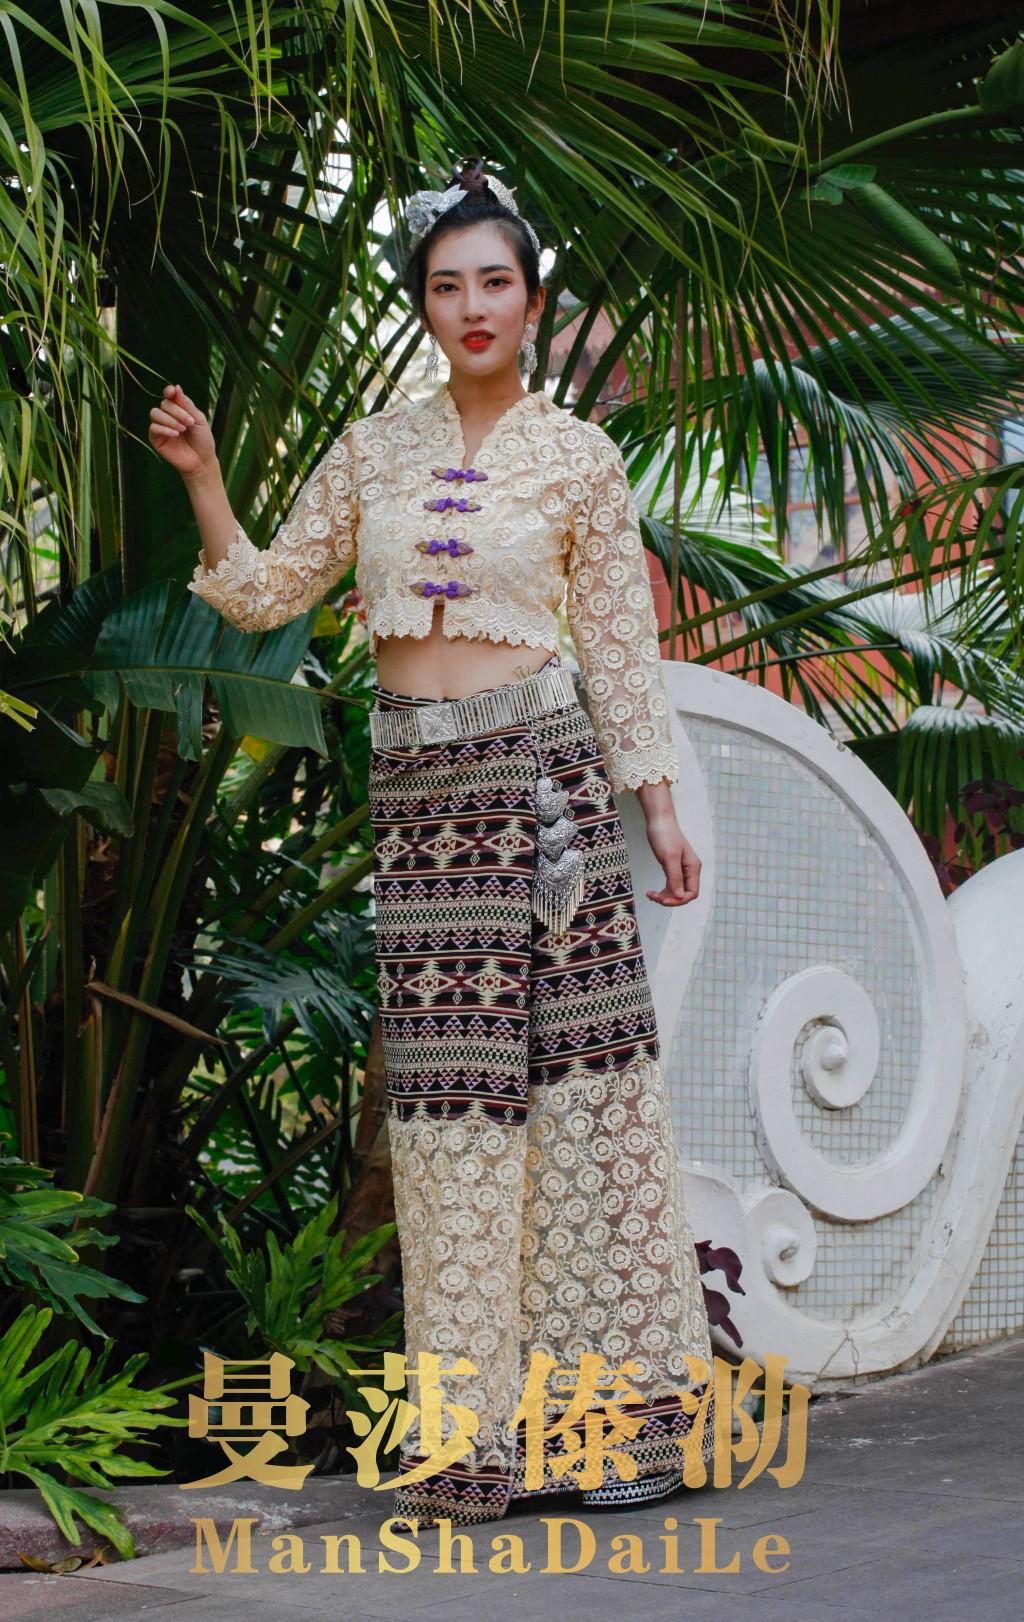 曼莎傣泐1004夏季新品西双版纳傣族女装舞蹈日常服民族服饰母亲节